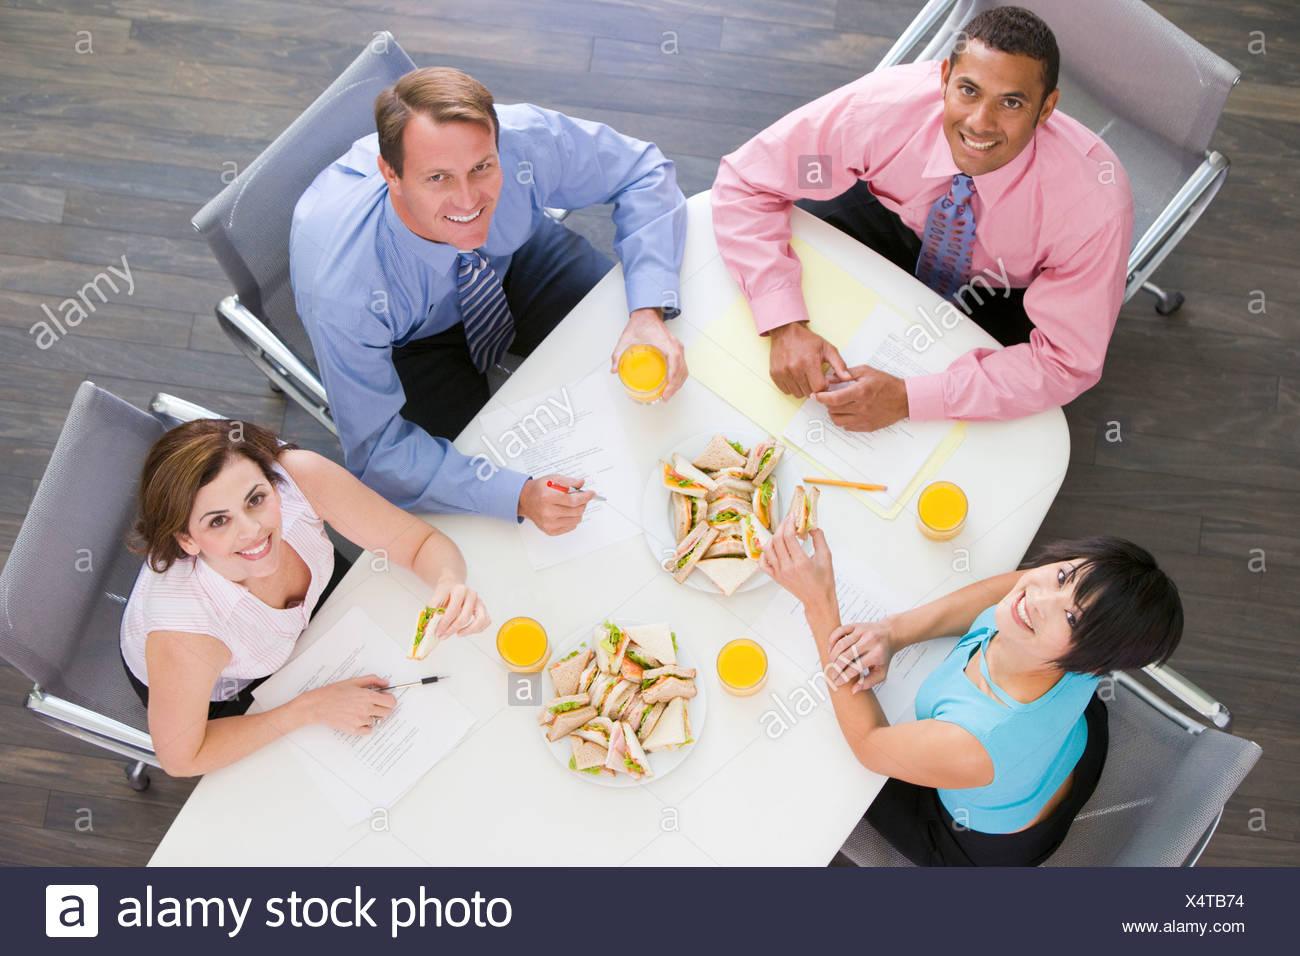 Vier Unternehmer am Konferenztisch mit Sandwiches, Lächeln Stockbild